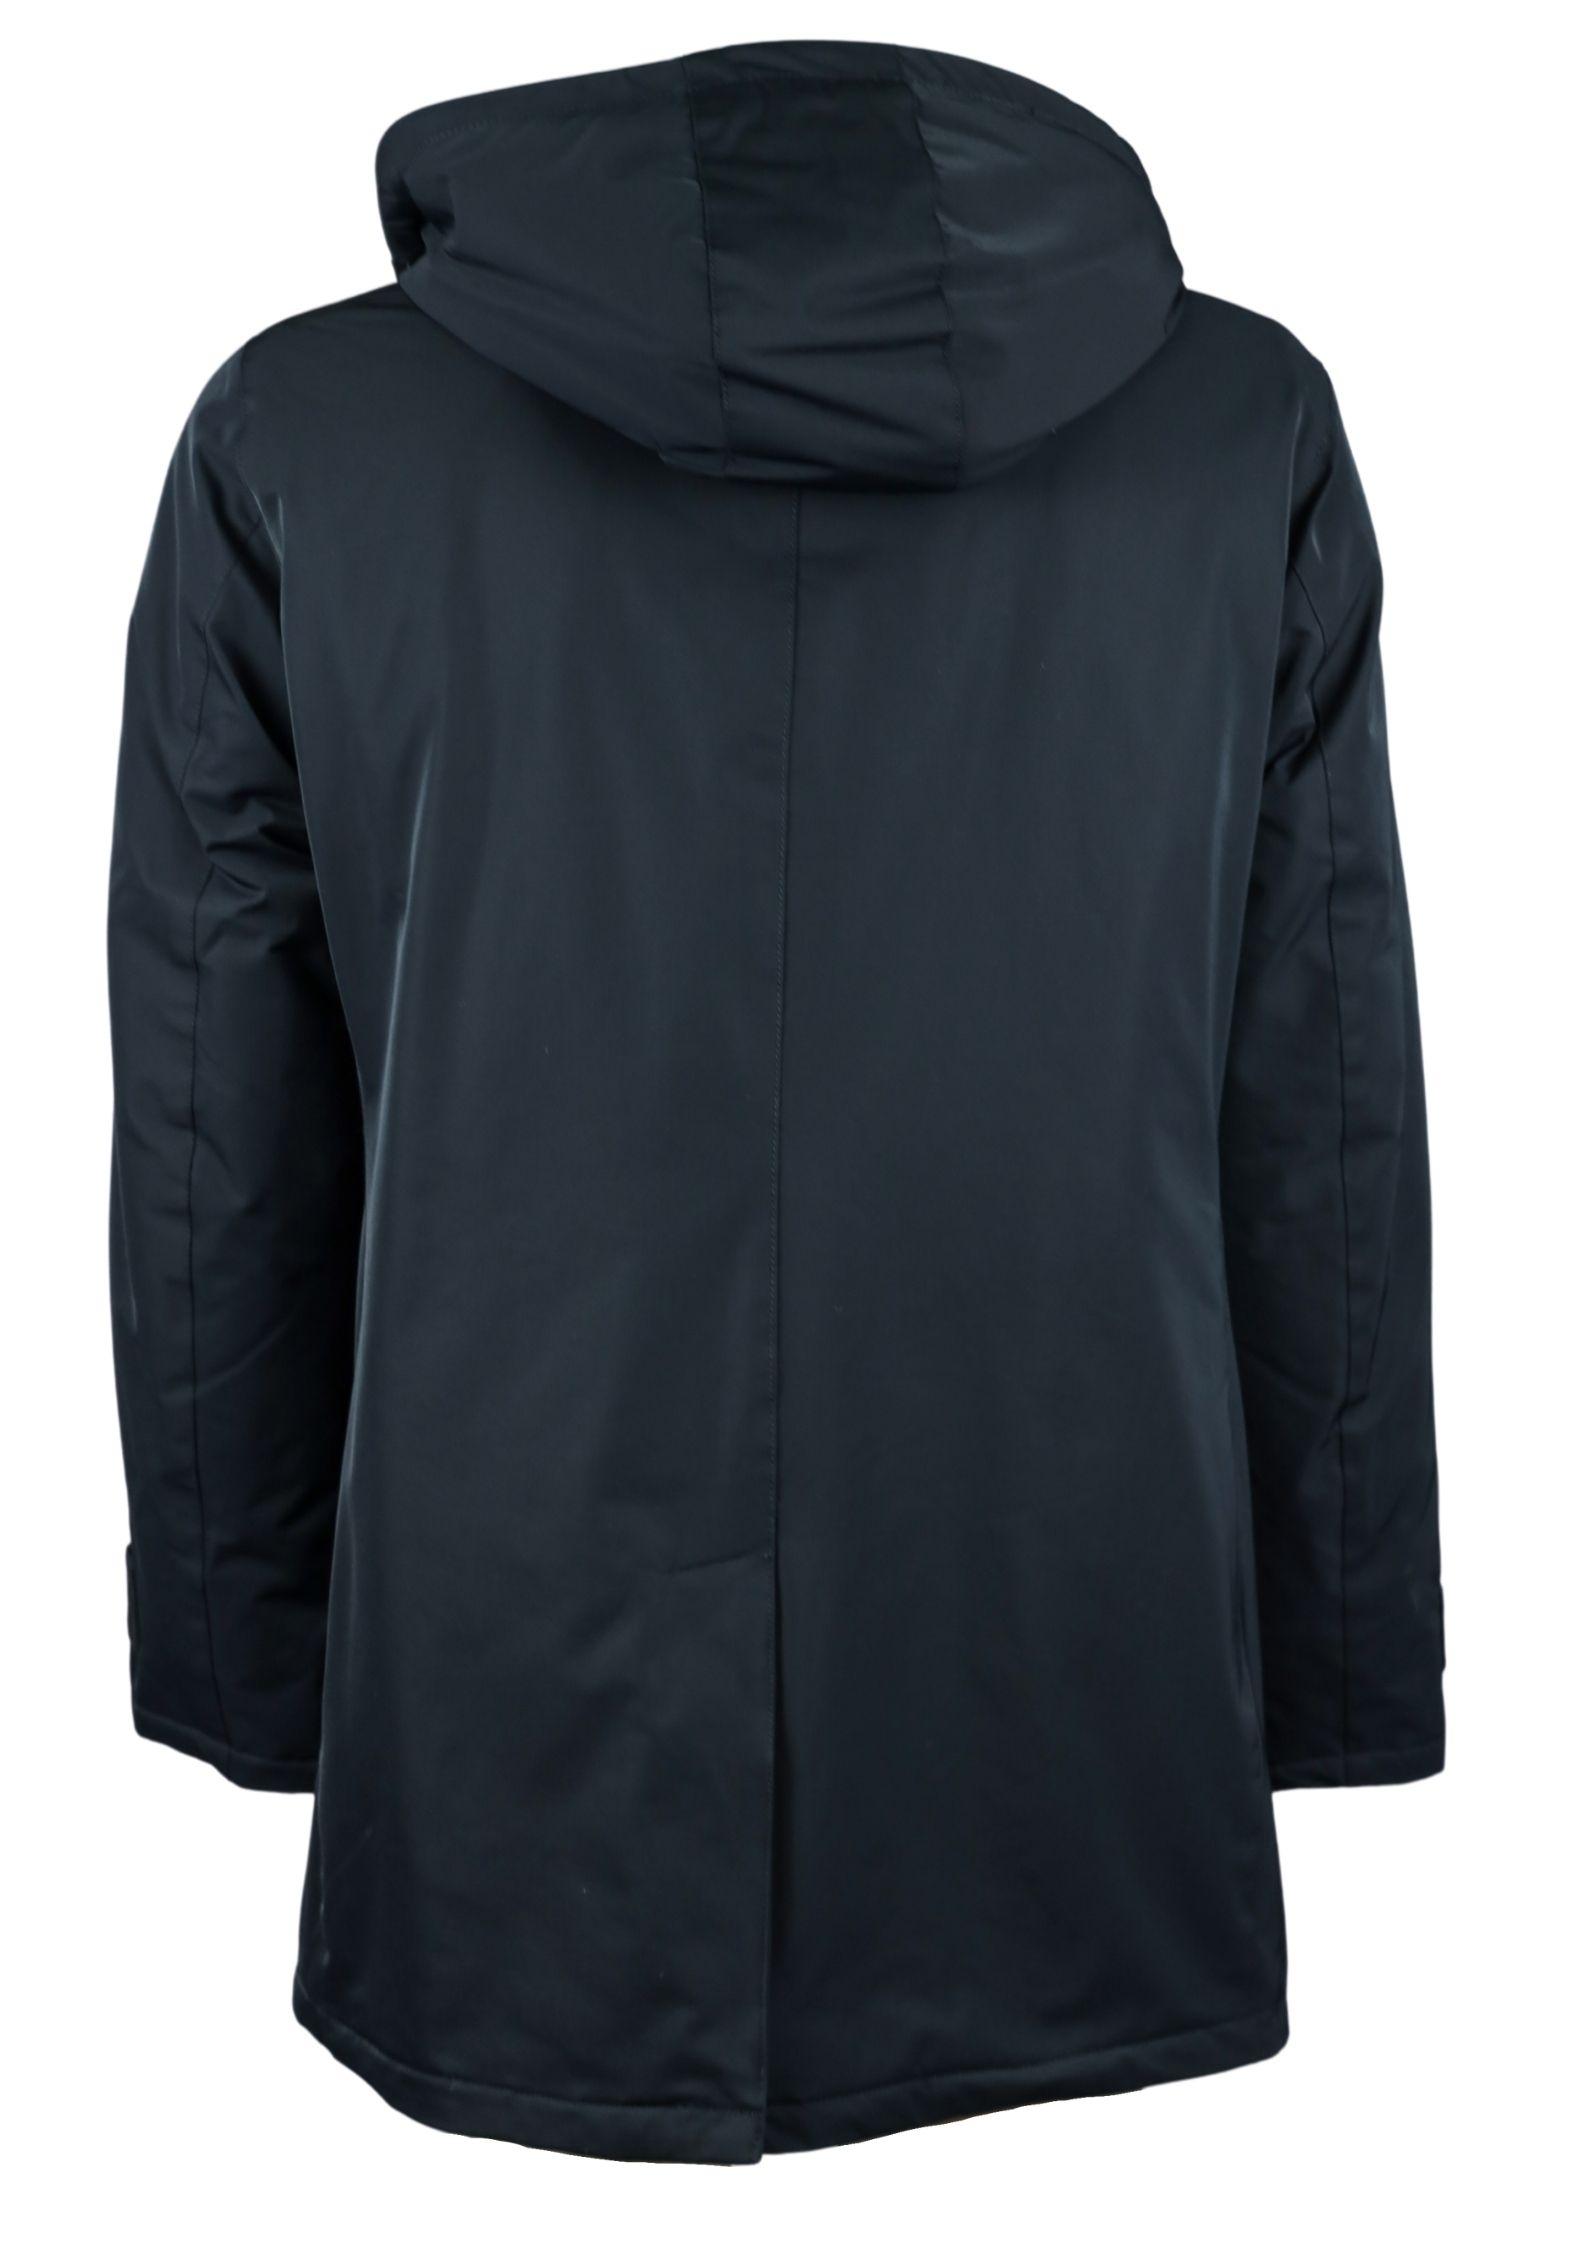 giaccone impermeabile con  interno imbottito e cappuccio staccabile AT.P.CO. | Giacconi | PARIDE799